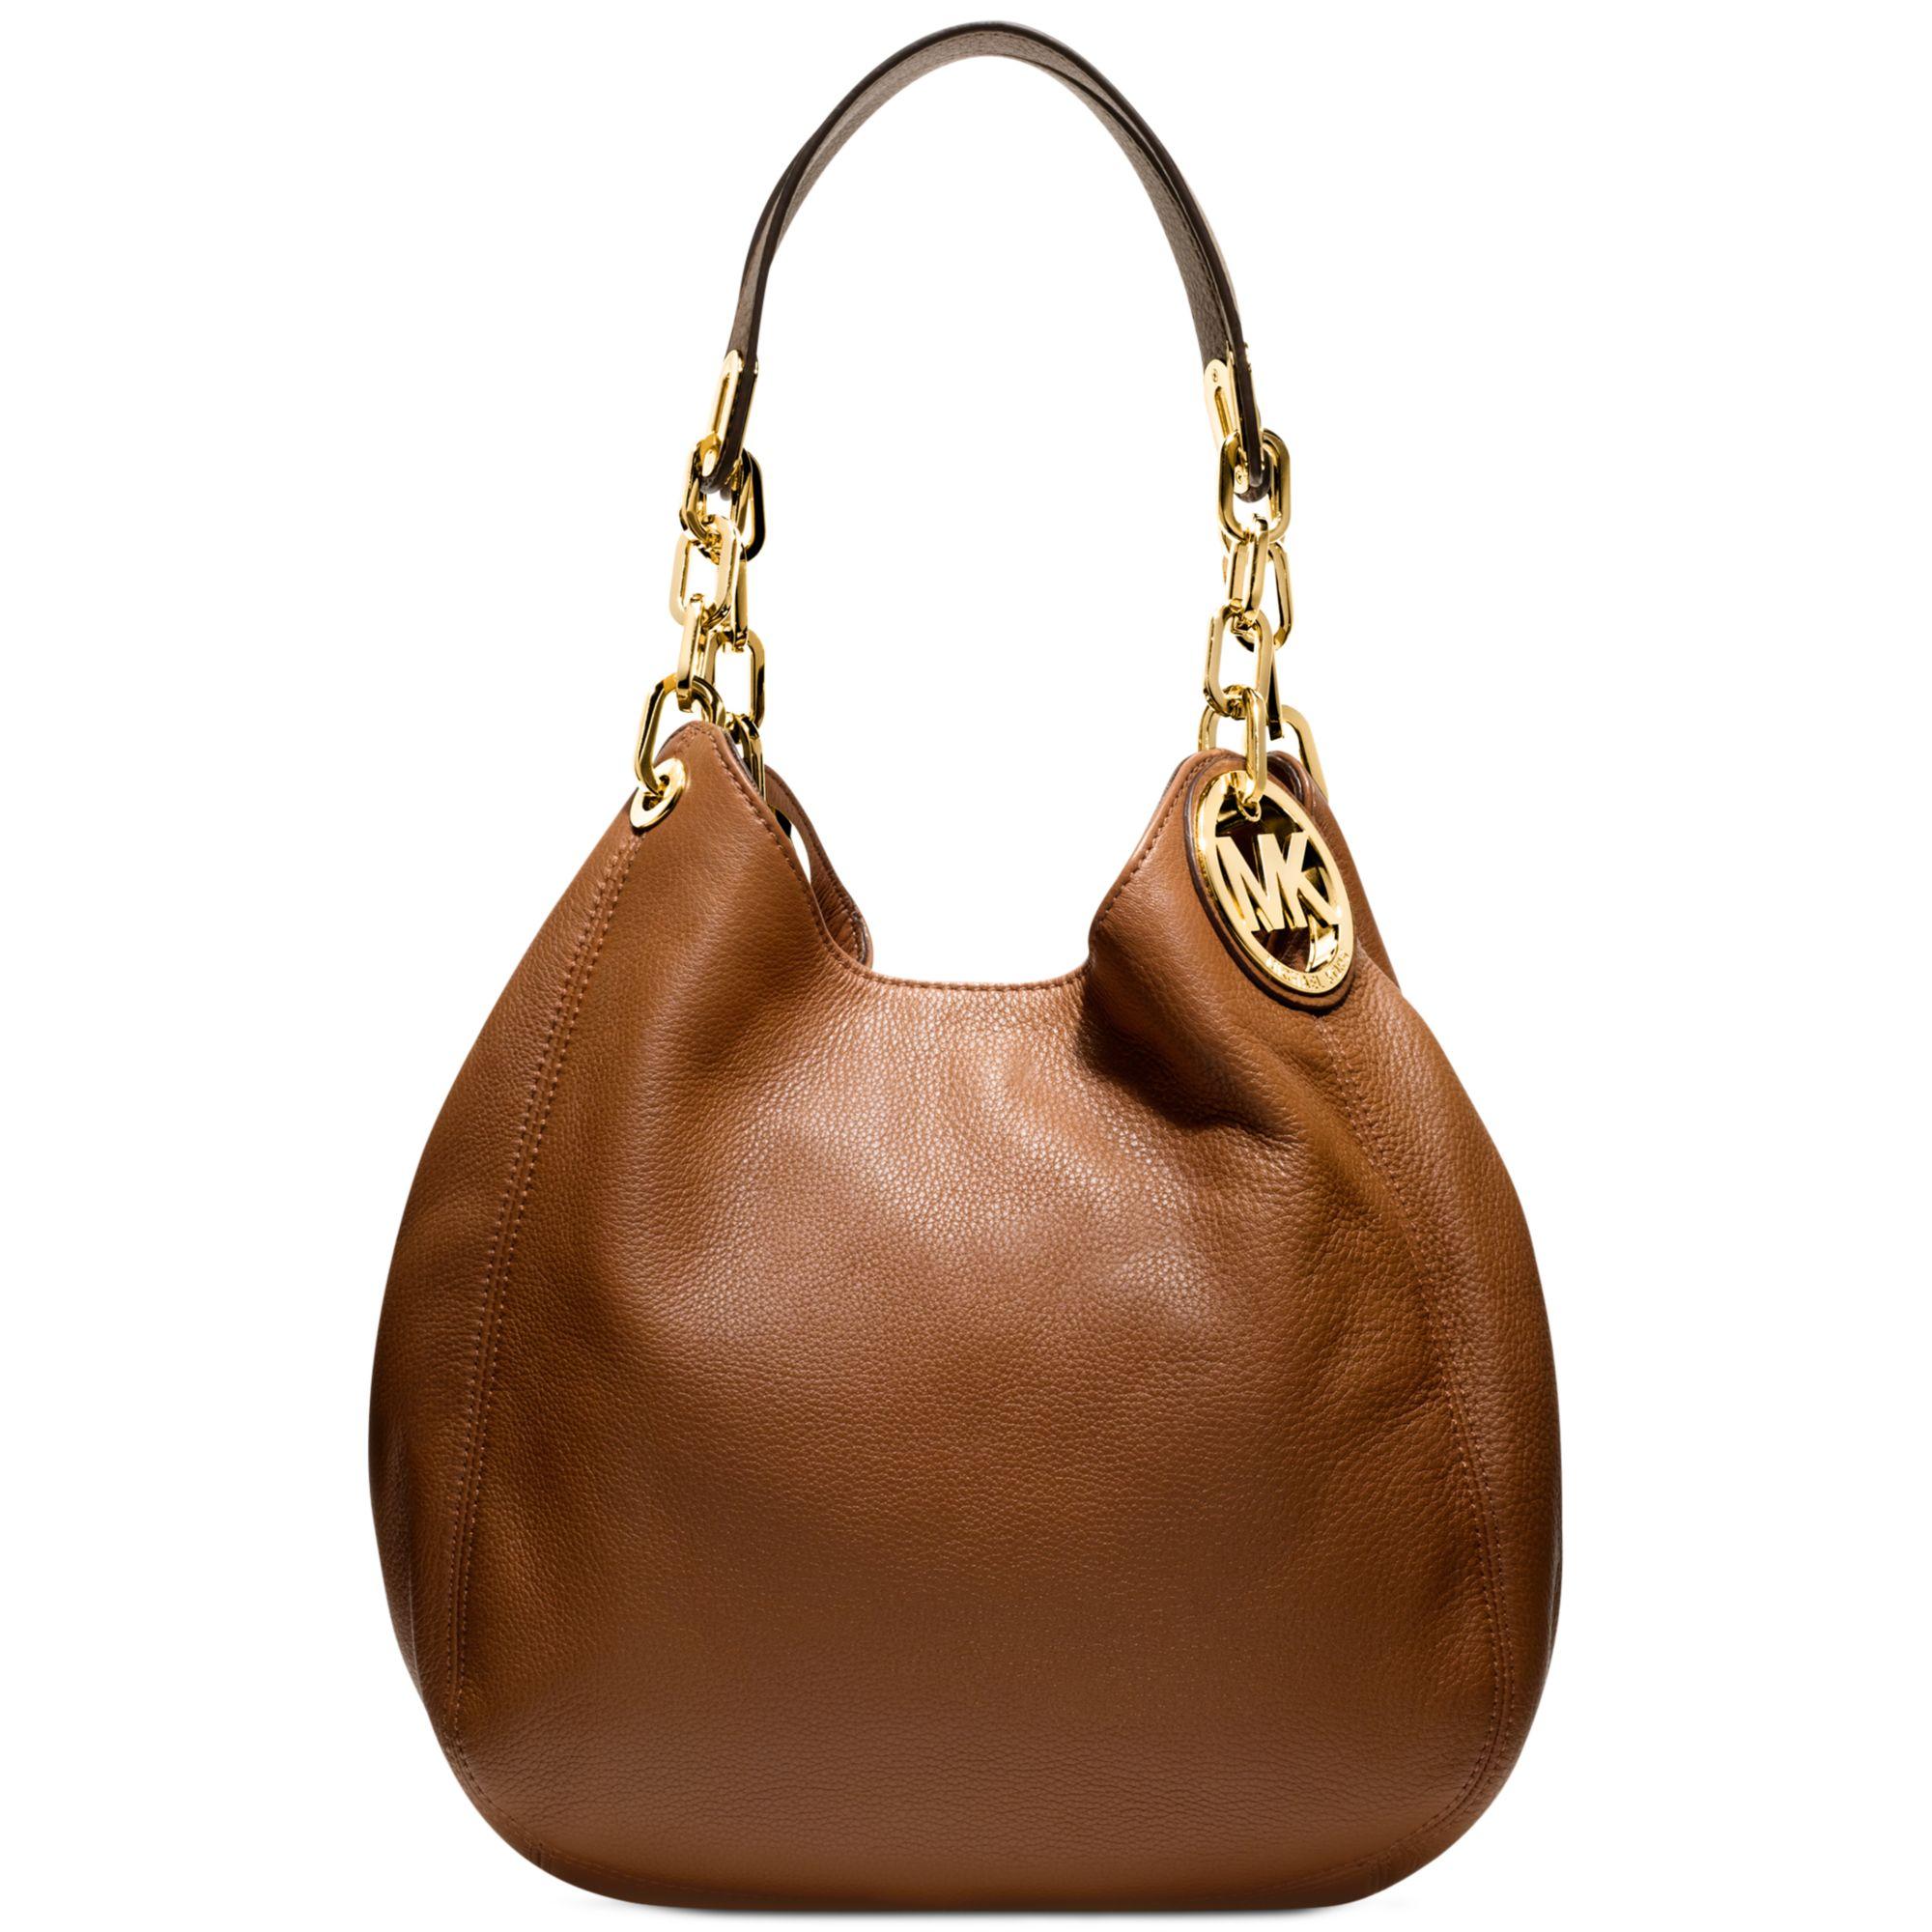 lyst michael kors fulton medium shoulder bag in brown rh lyst com michael kors fulton leather medium convertible shoulder handbag